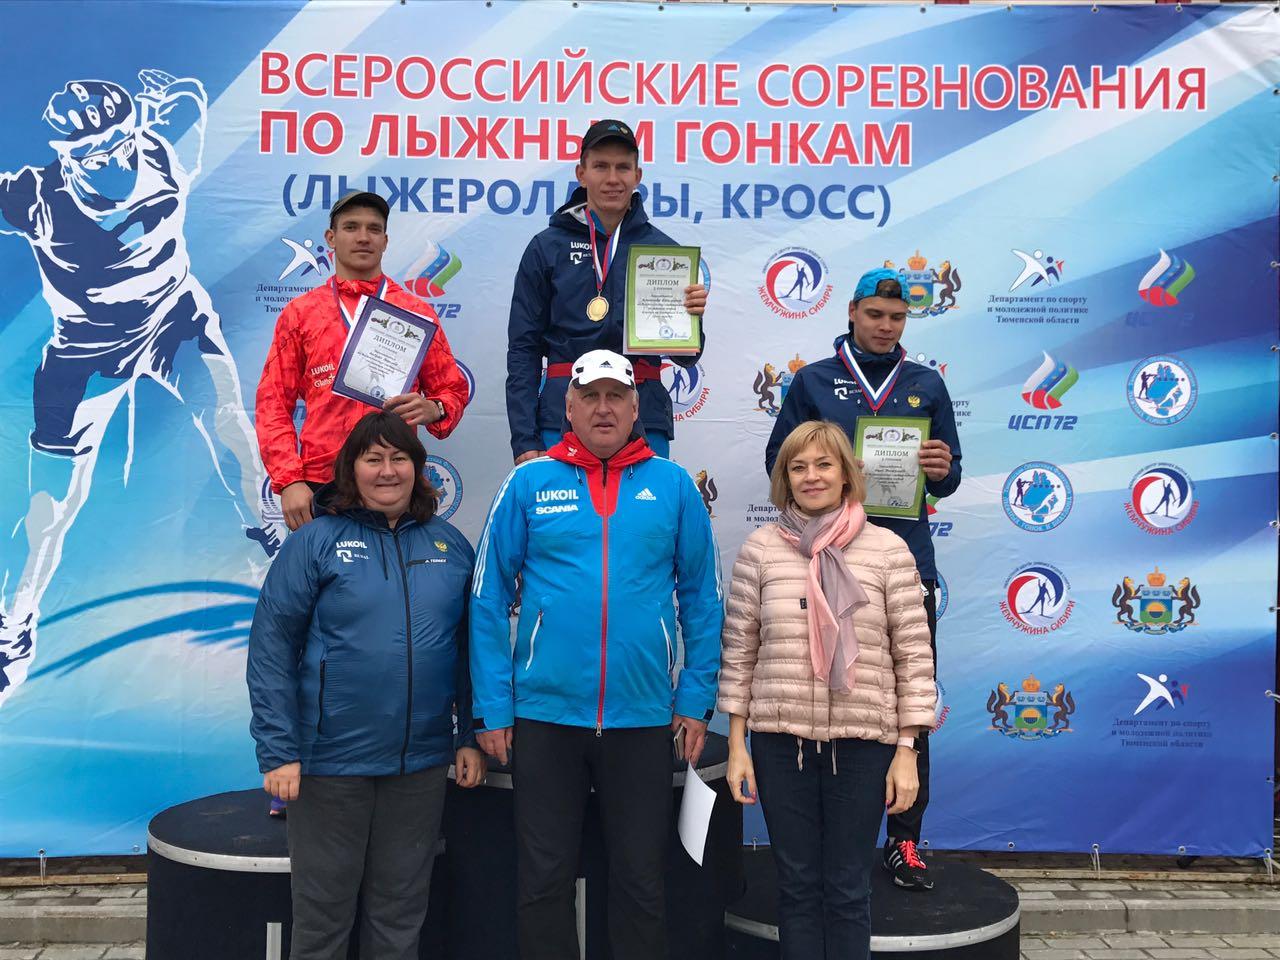 Награждение провели олимпийские чемпионки Елена Вяльбе и Луиза Носкова. Также был награжден тренер победителя Юрий Бородавко.